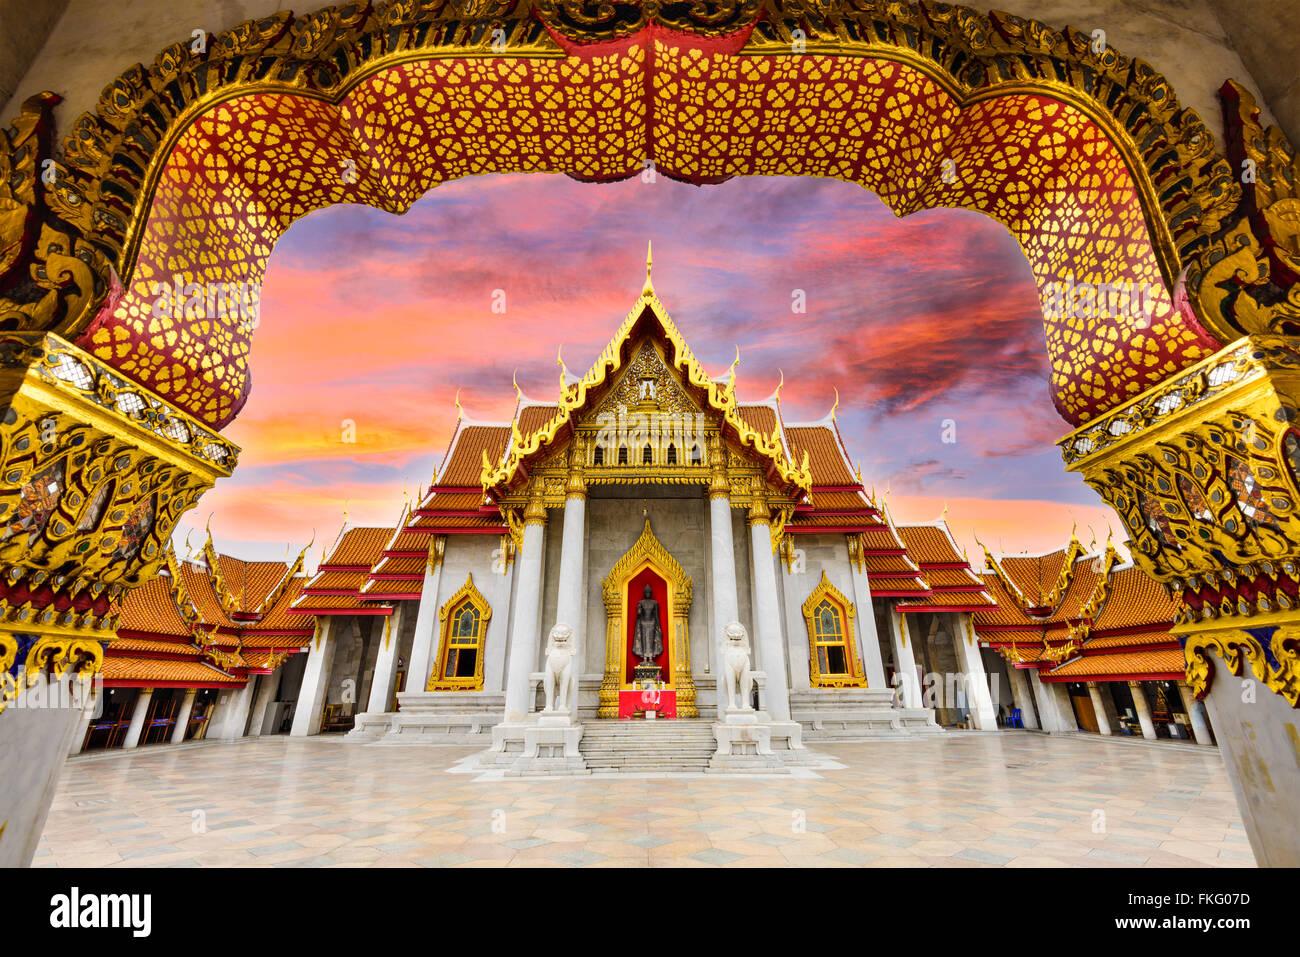 Templo de mármol de Bangkok, Tailandia. Imagen De Stock